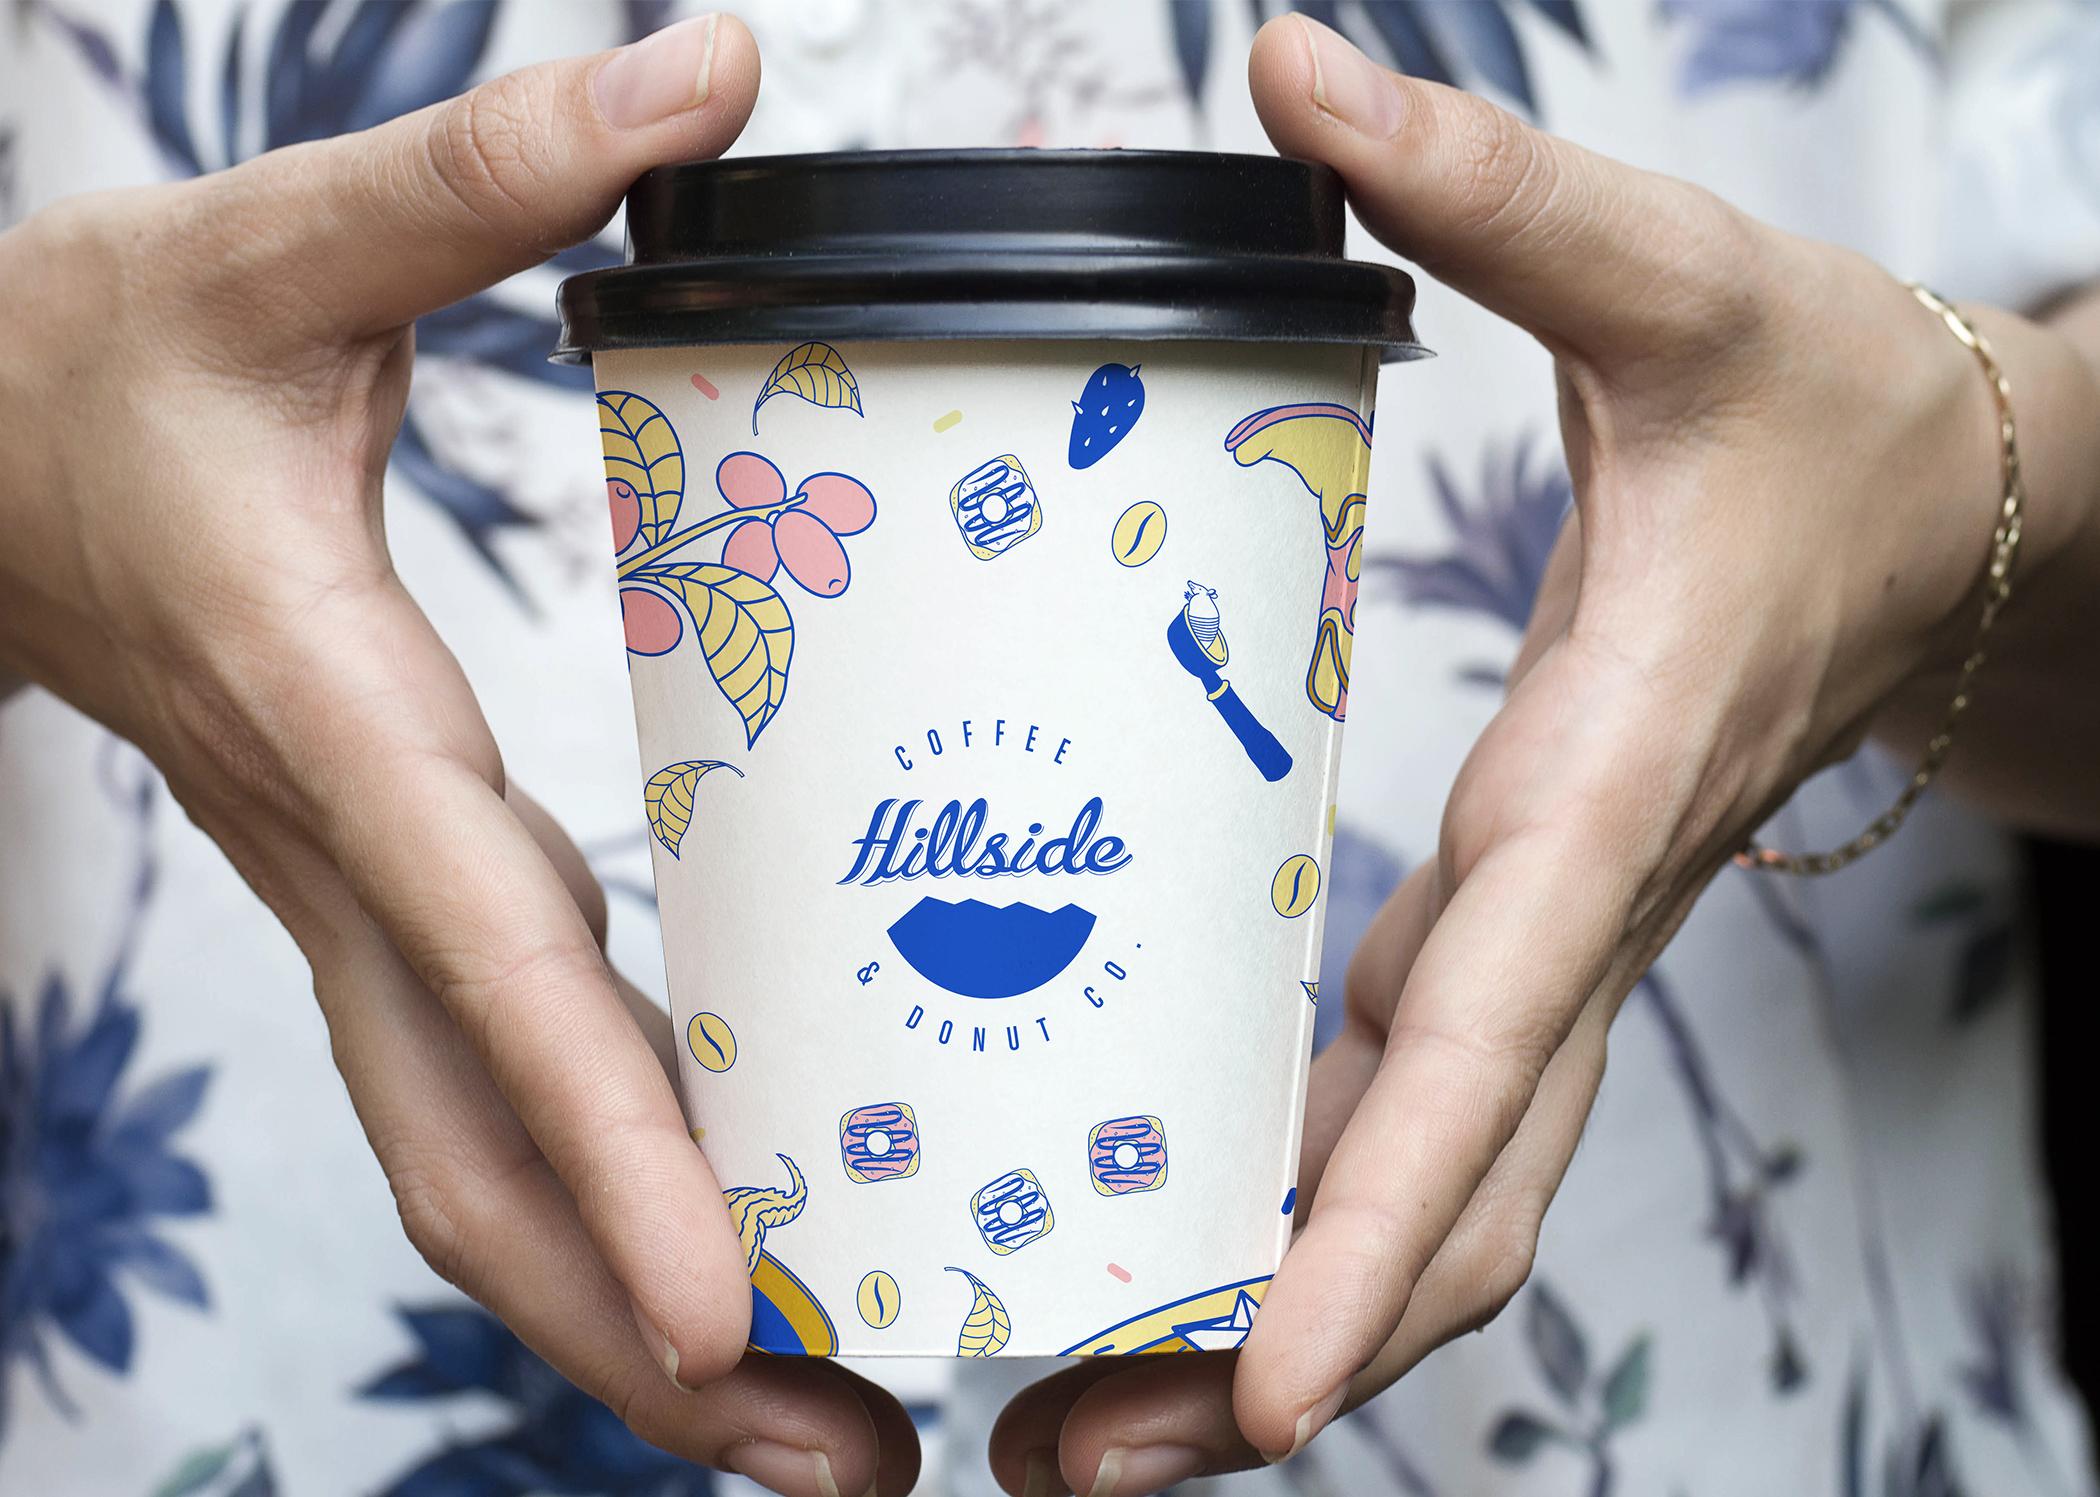 Hillside Re-branding